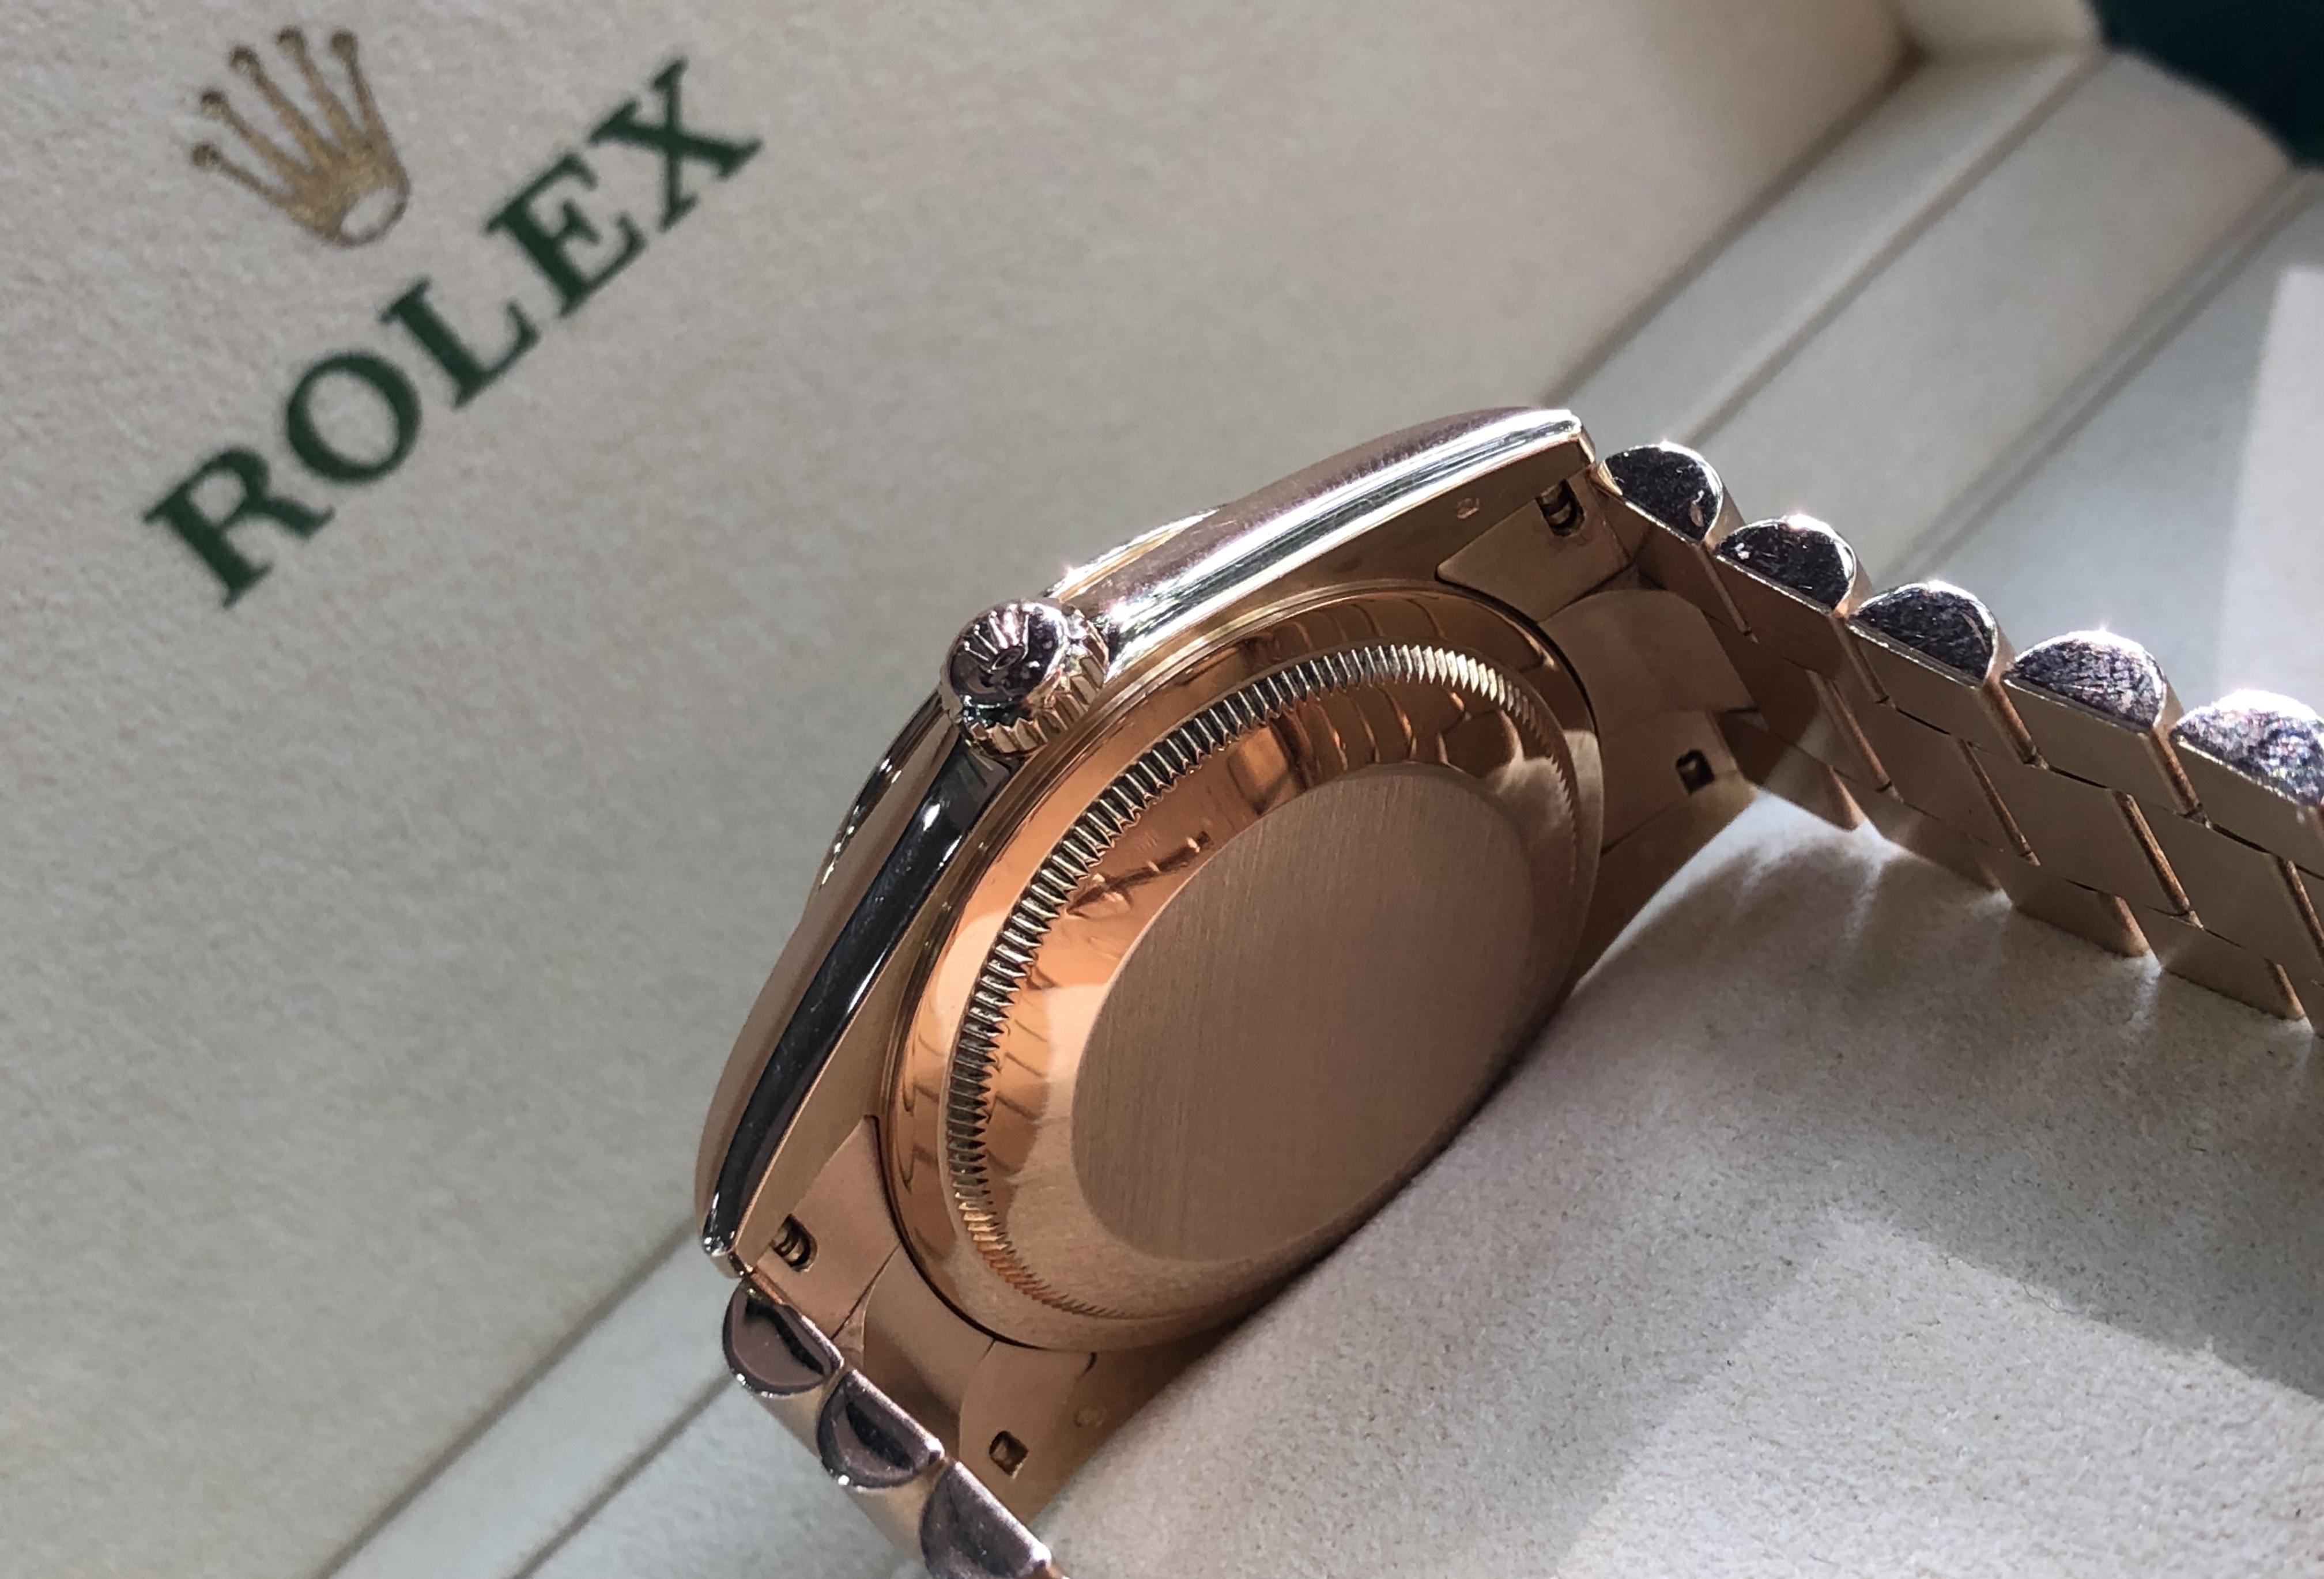 Rolex Day-date 118205 vàng khối 18k sản xuất năm 2003